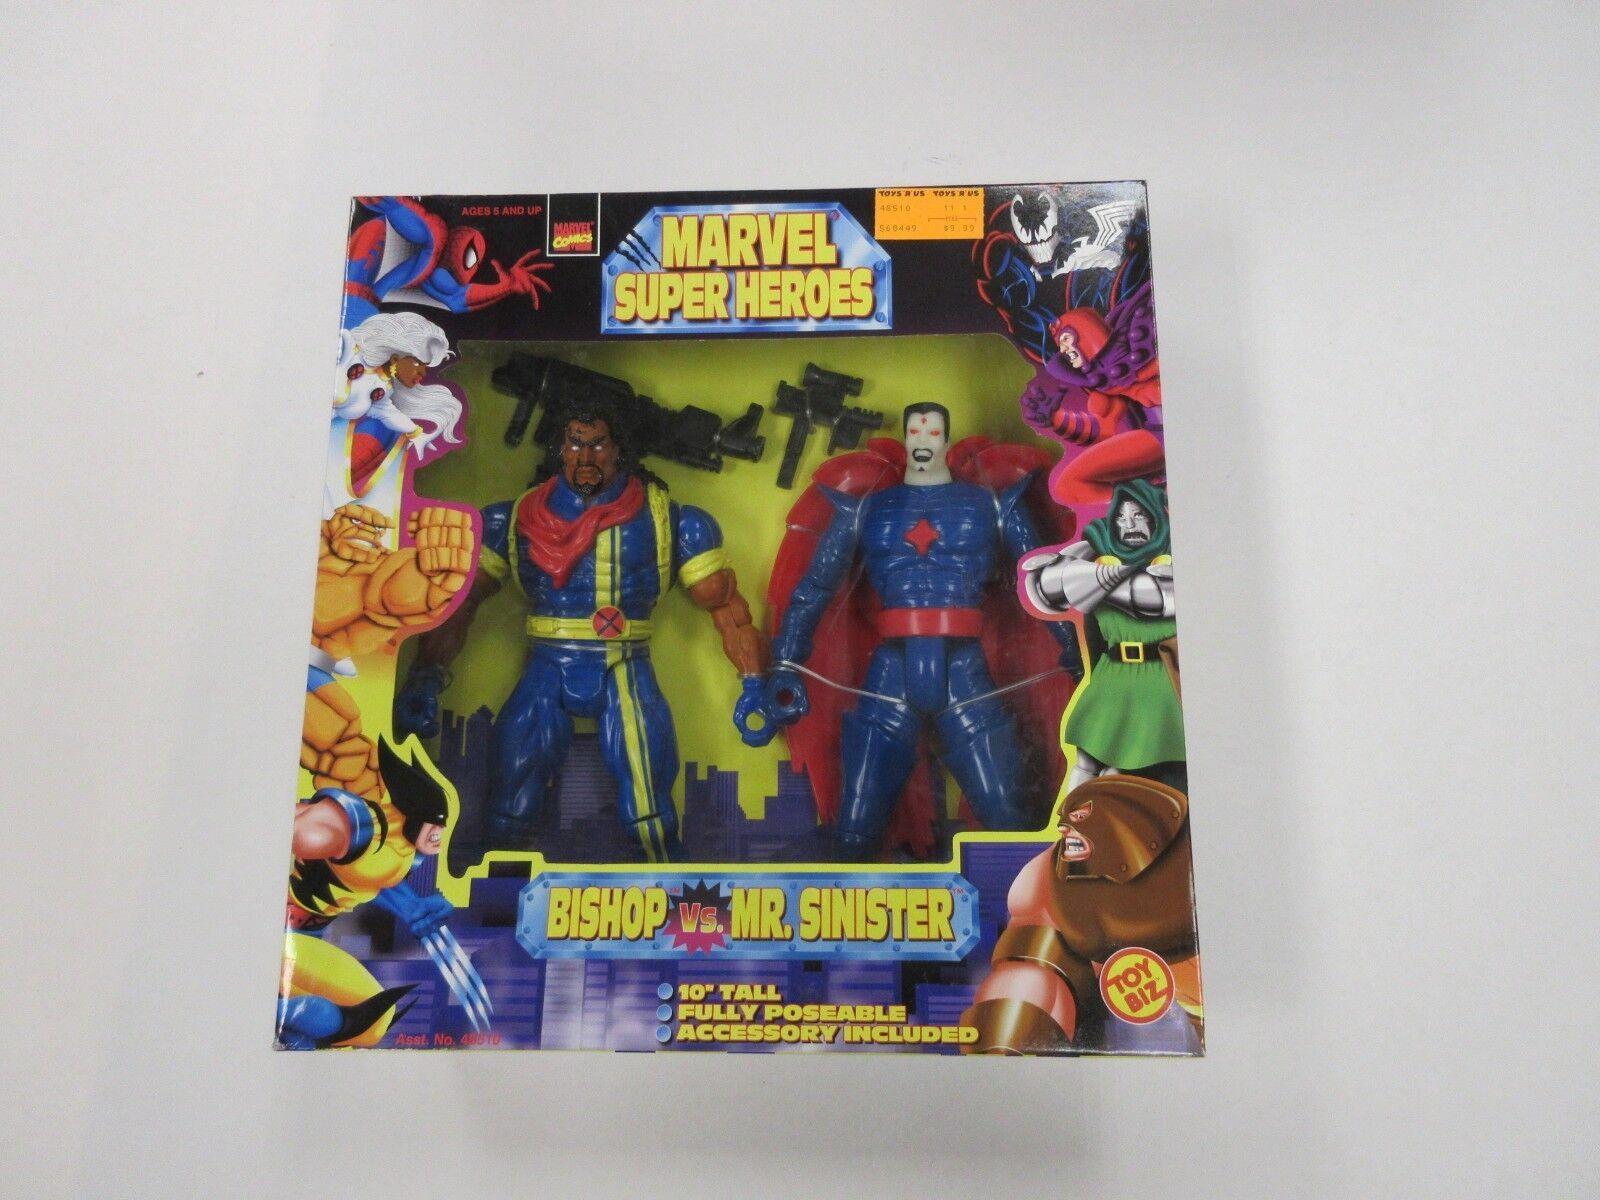 1997 TOY BIZ MARVEL SUPER HEROES BISHOP VS MR SINISTER 10 INCH FIGURE SET SEALED